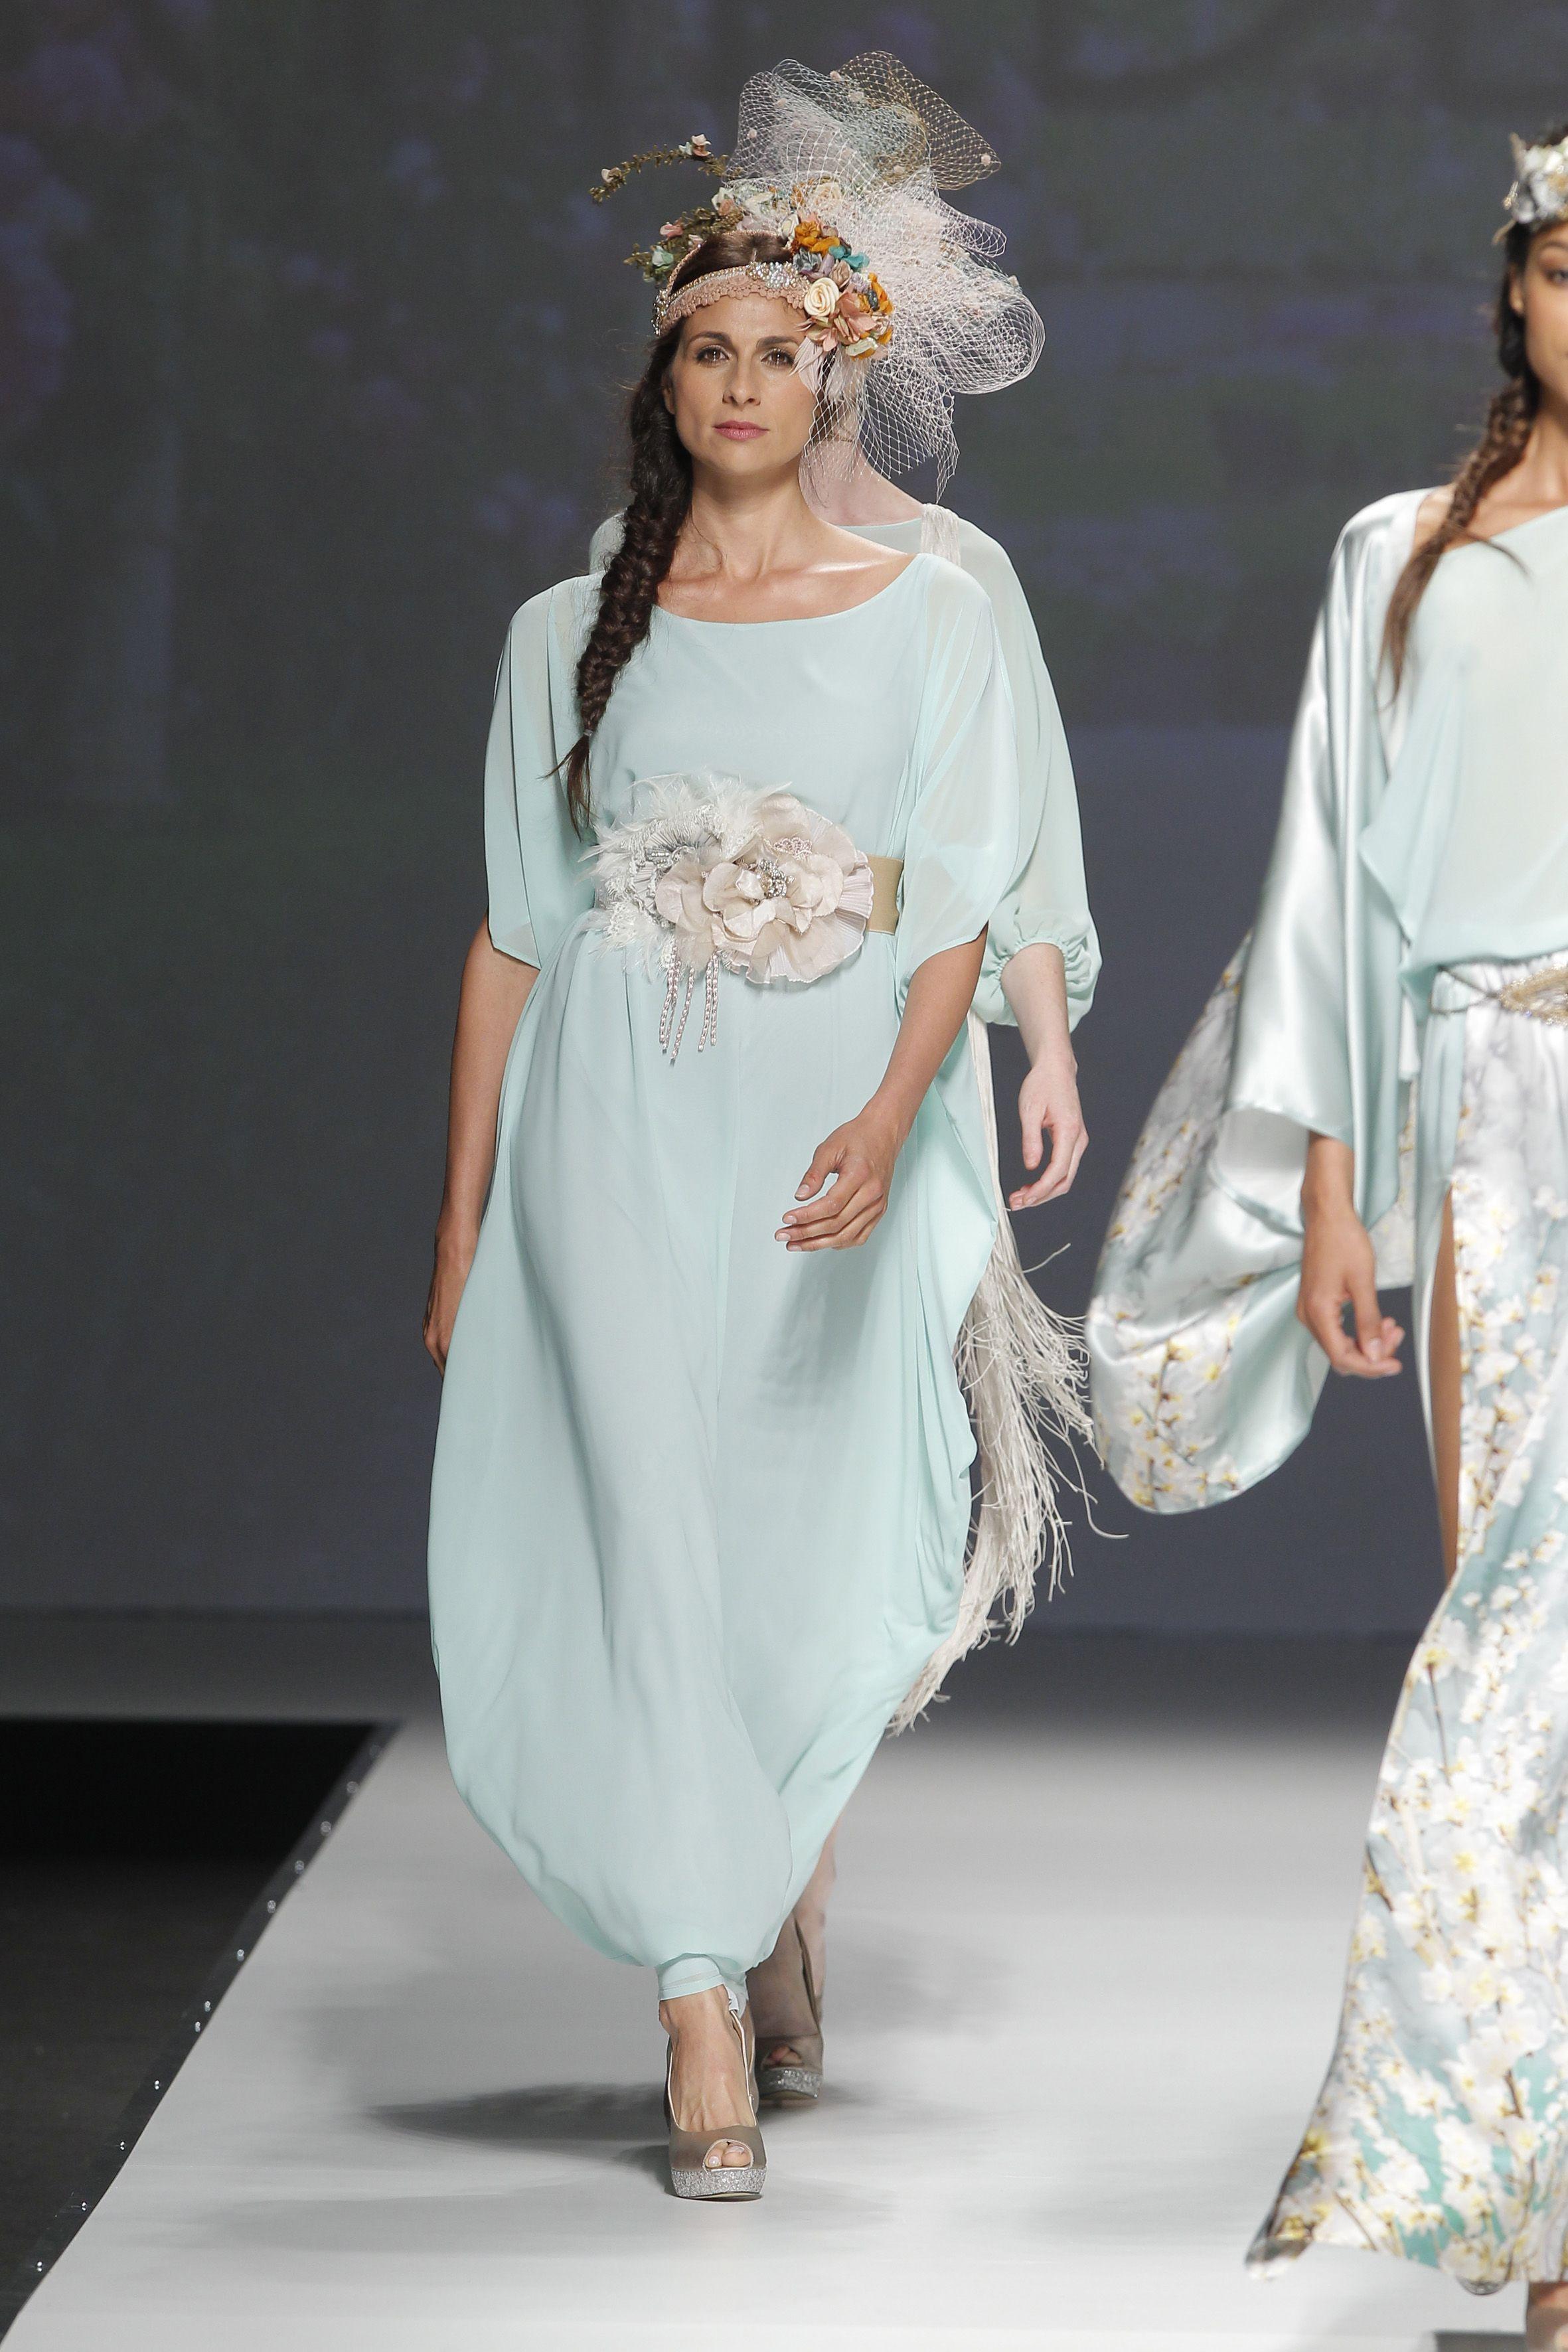 Cool Vestidos Novia Franc Sarabia Gallery - Wedding Ideas ...